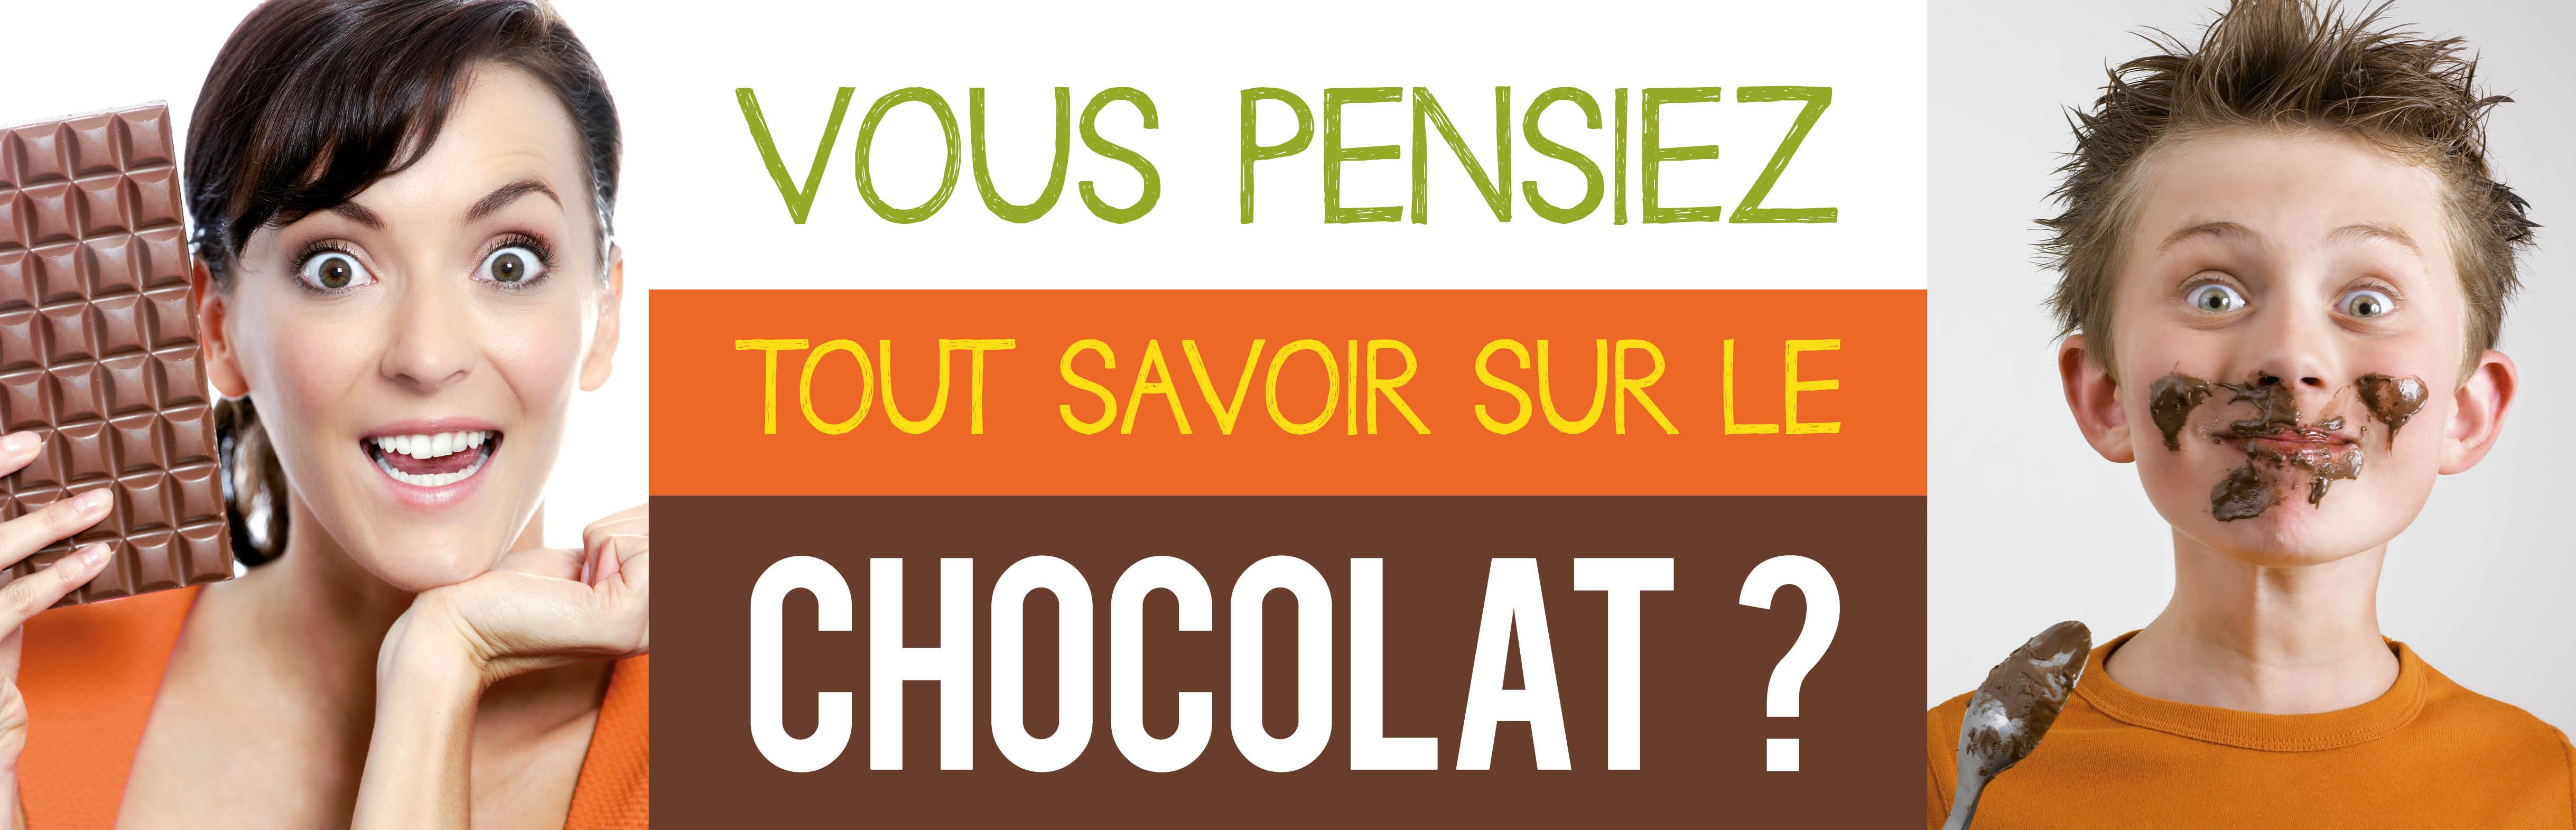 Vous pensiez tout savoir sur le chocolat ?